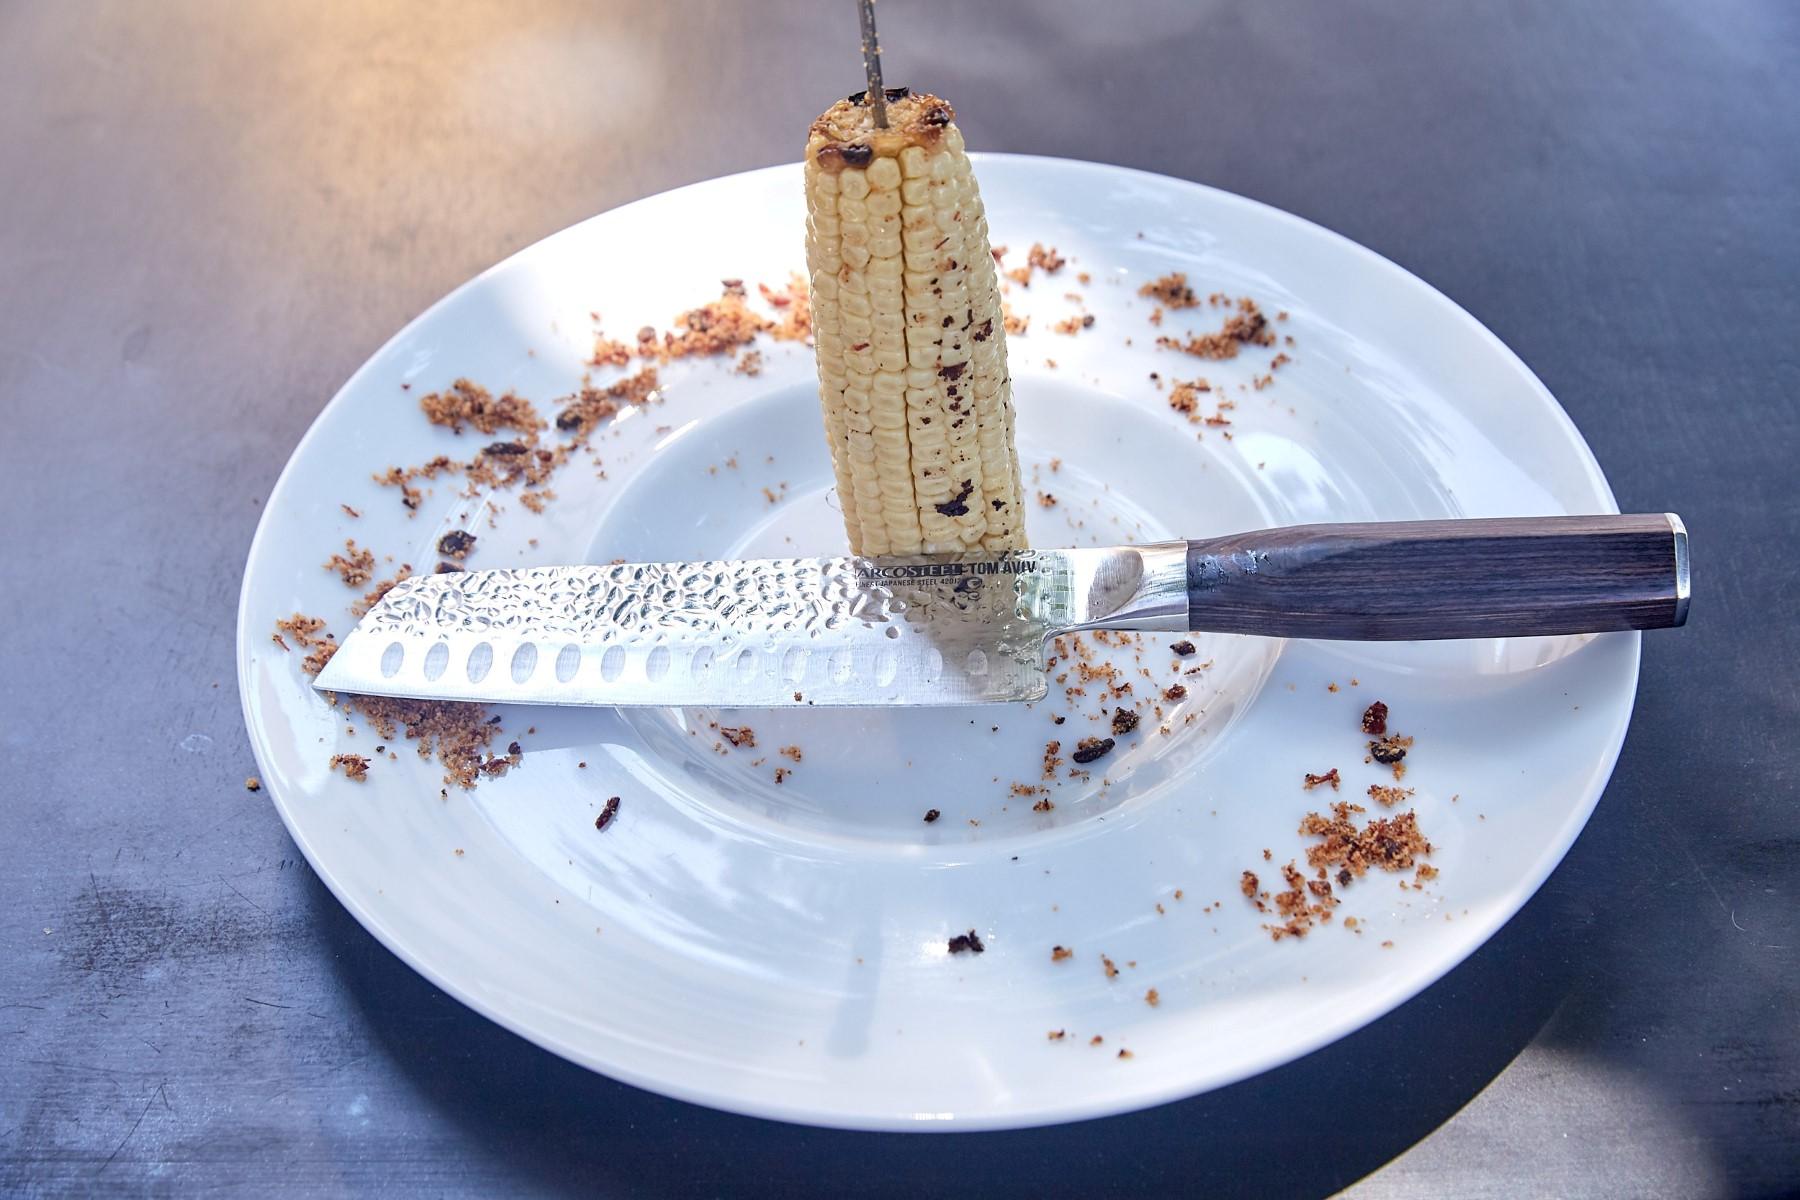 שווארמה תירס לבן עם שומן ואגר. לחיתוך עם  סכין 17 סמ מסדרת סכיני השף של ארקוסטיל בשיתוף טום אביב. צילום שוקה כהן